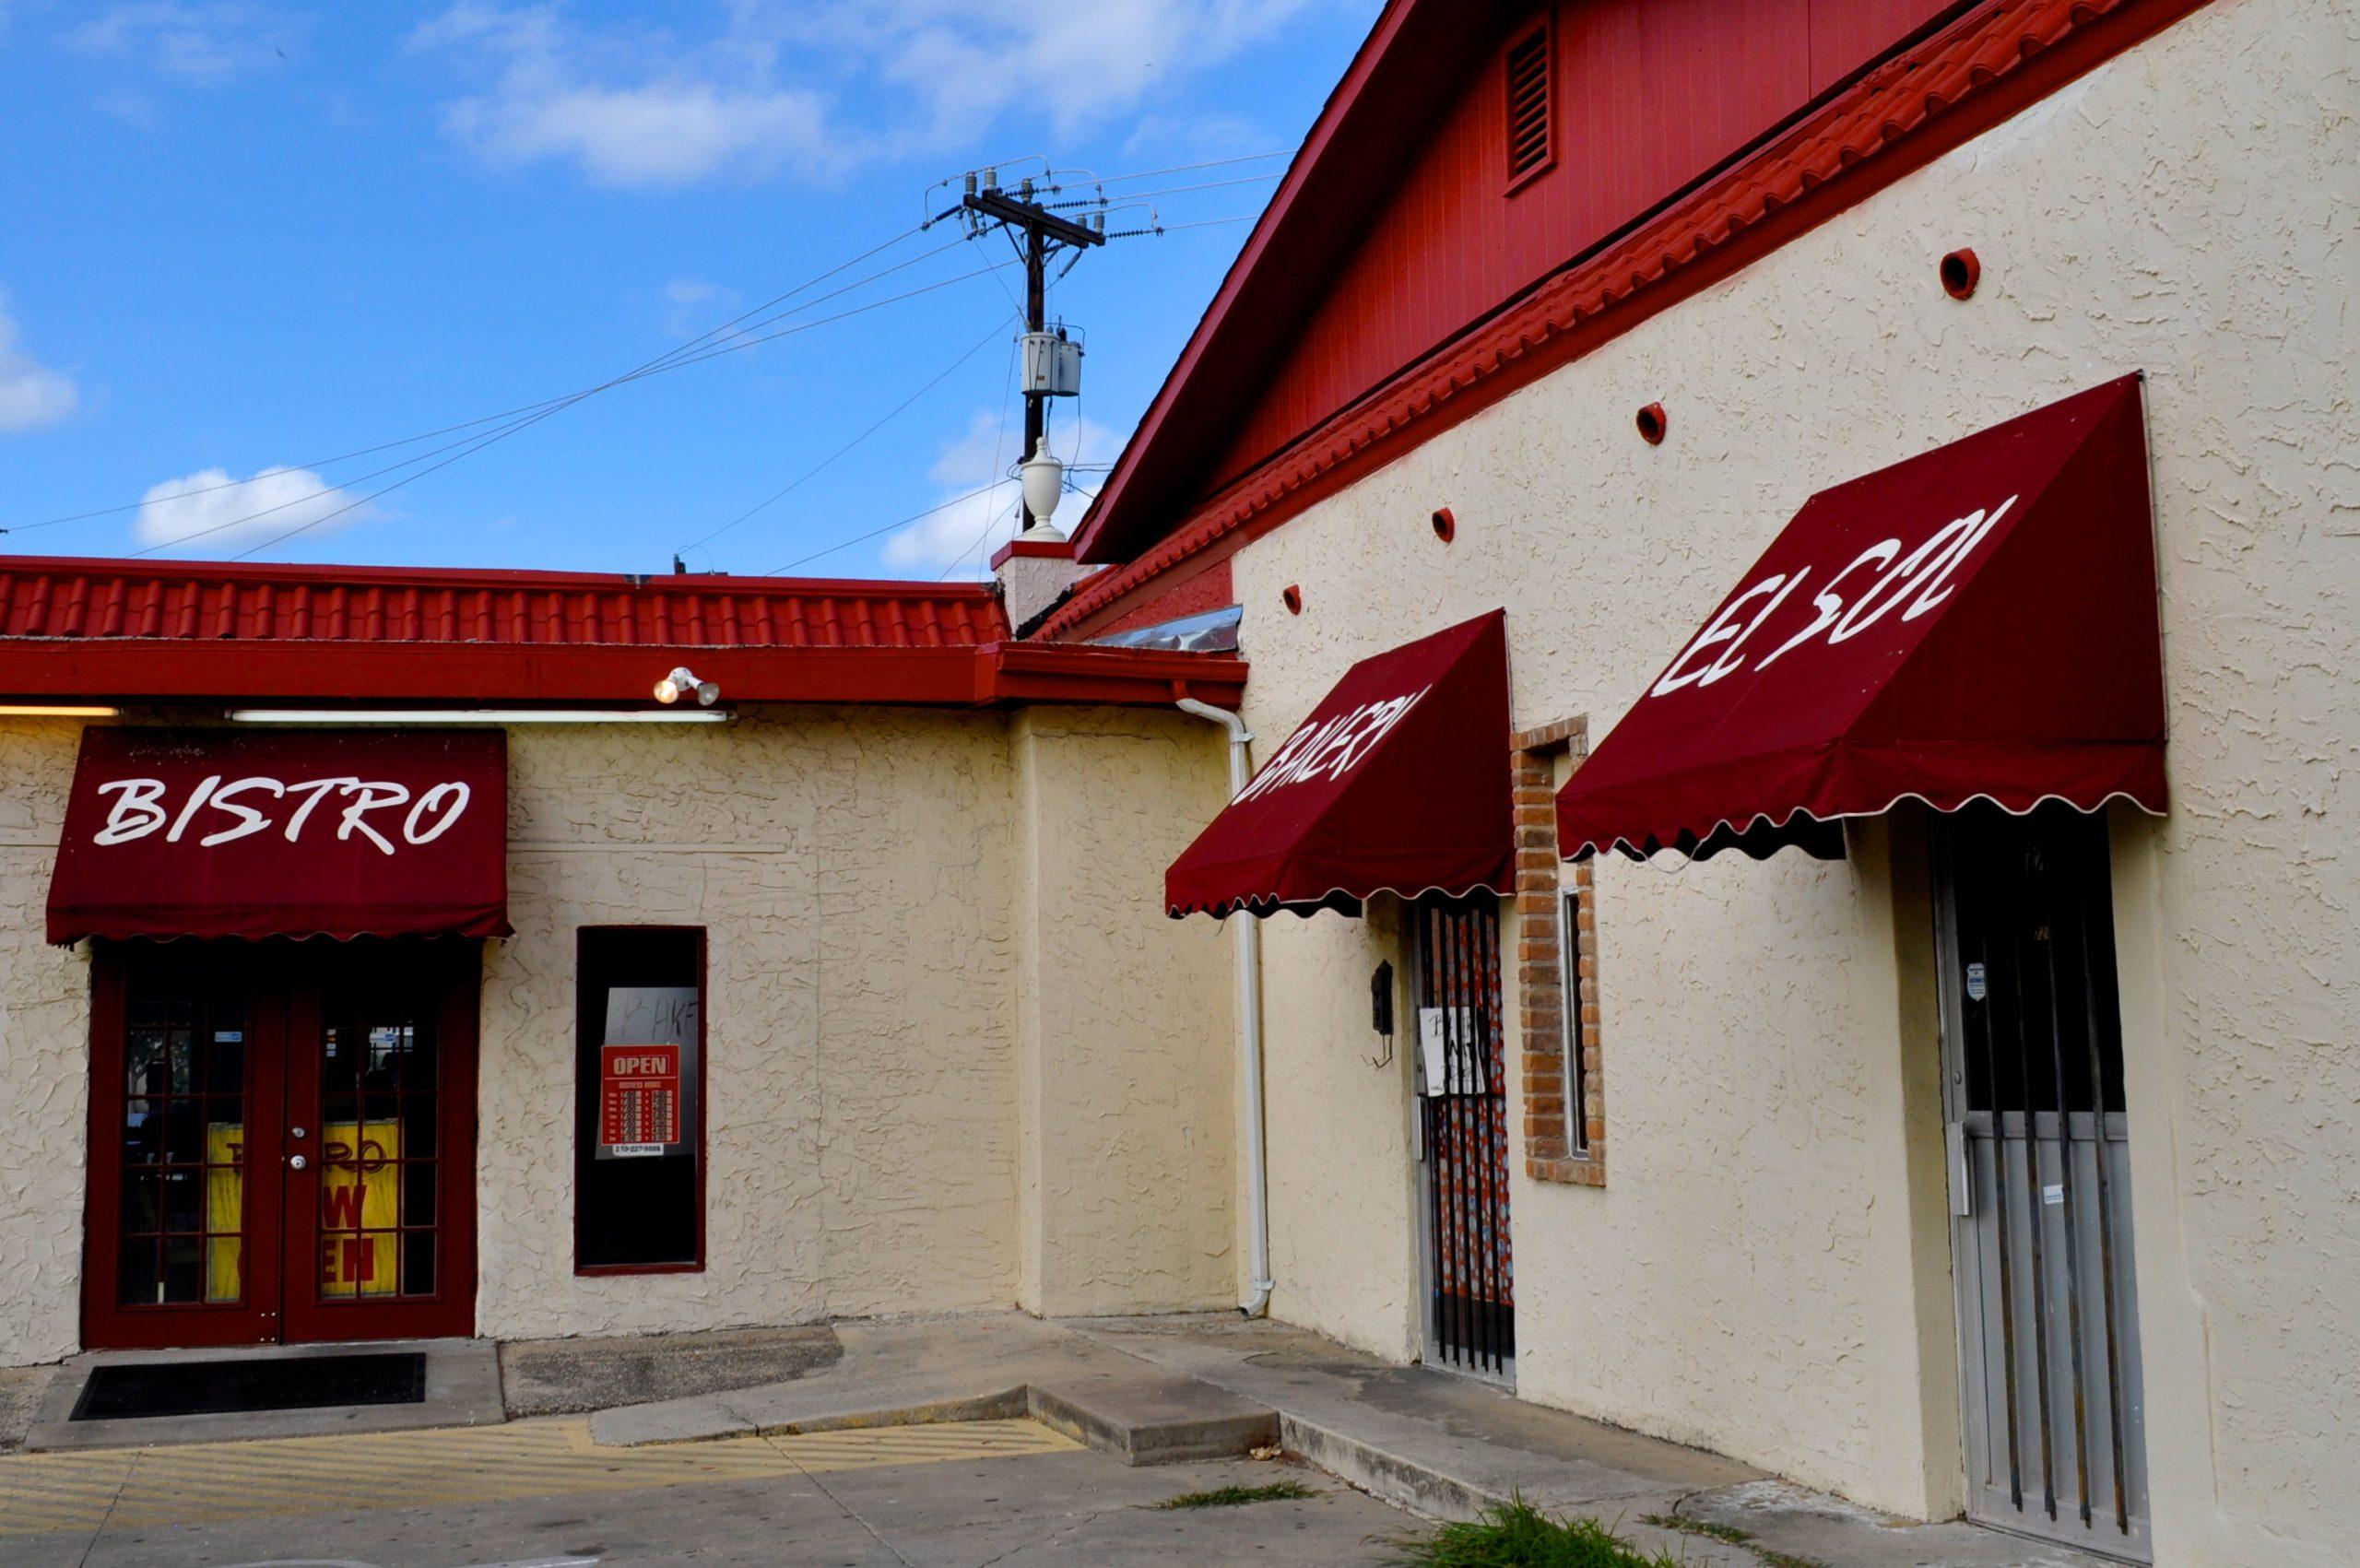 El Sol Bakery and Bistro in Southtown, San Antonio